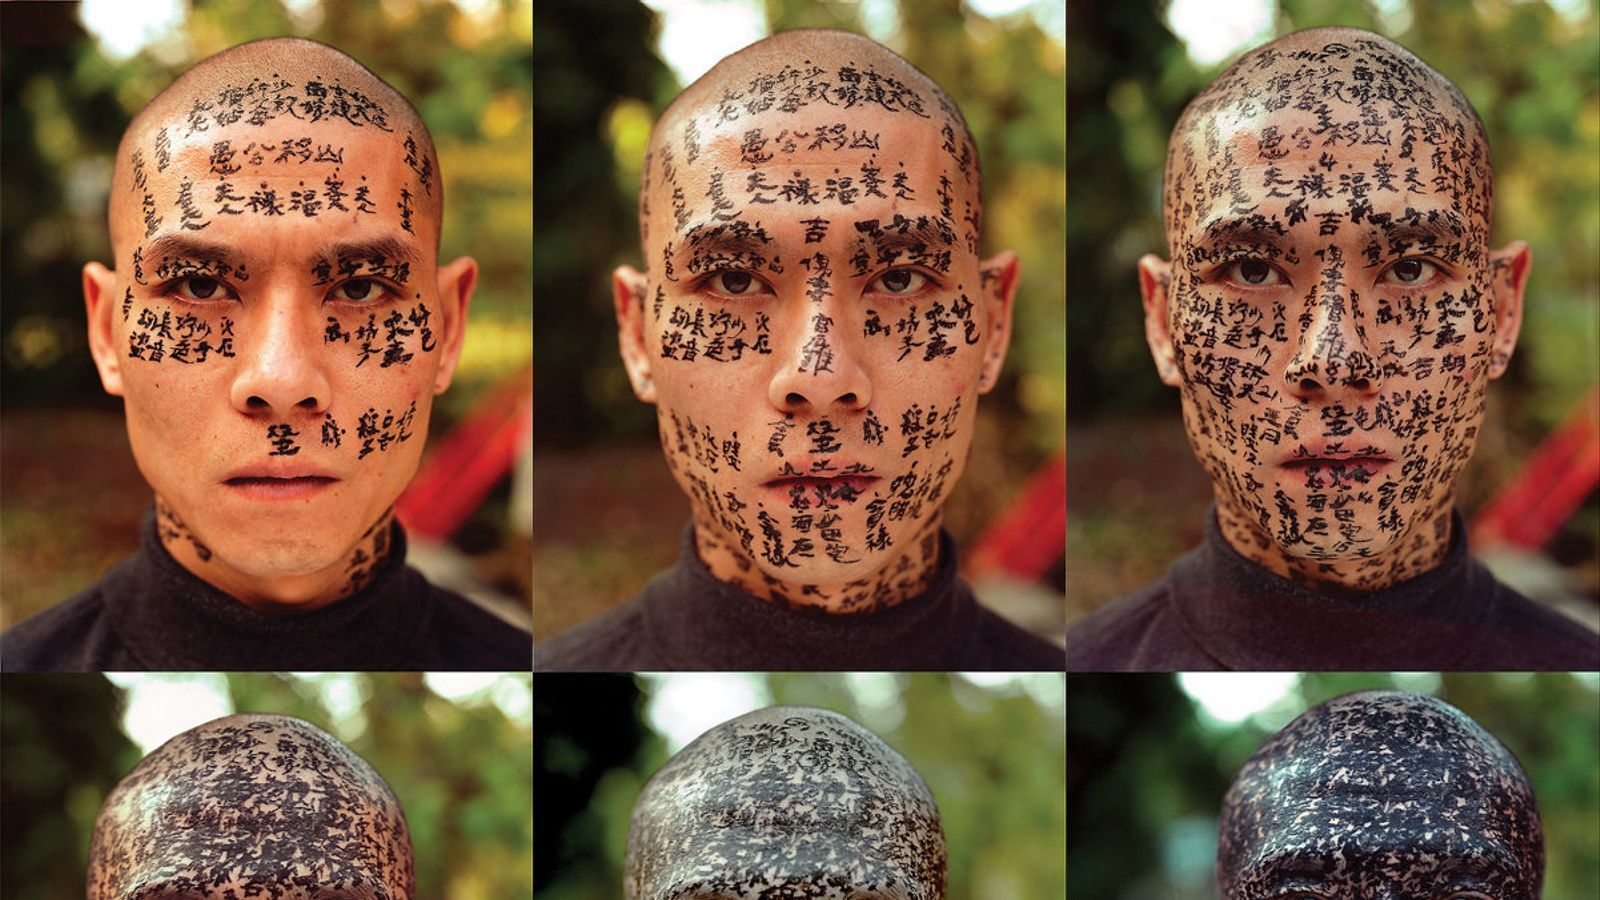 'Famliy tree' (2000), obra de Zhang Huan)